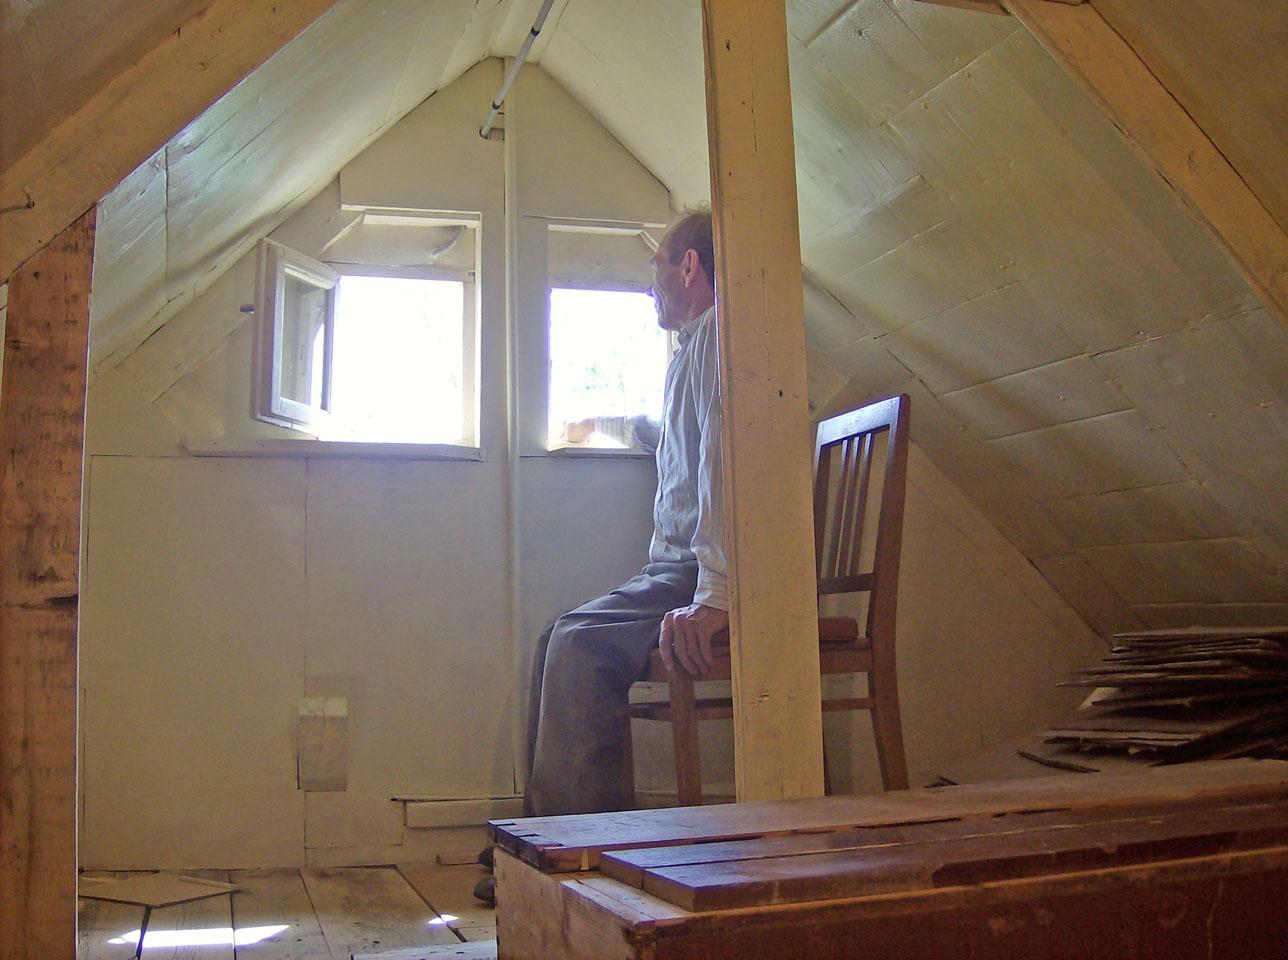 Утепление чердака в доме с холодной крышей: как утеплить пол и потолок помещения в частном доме и какой предпочесть утеплитель, технология обивки минватой и другими видами материалов